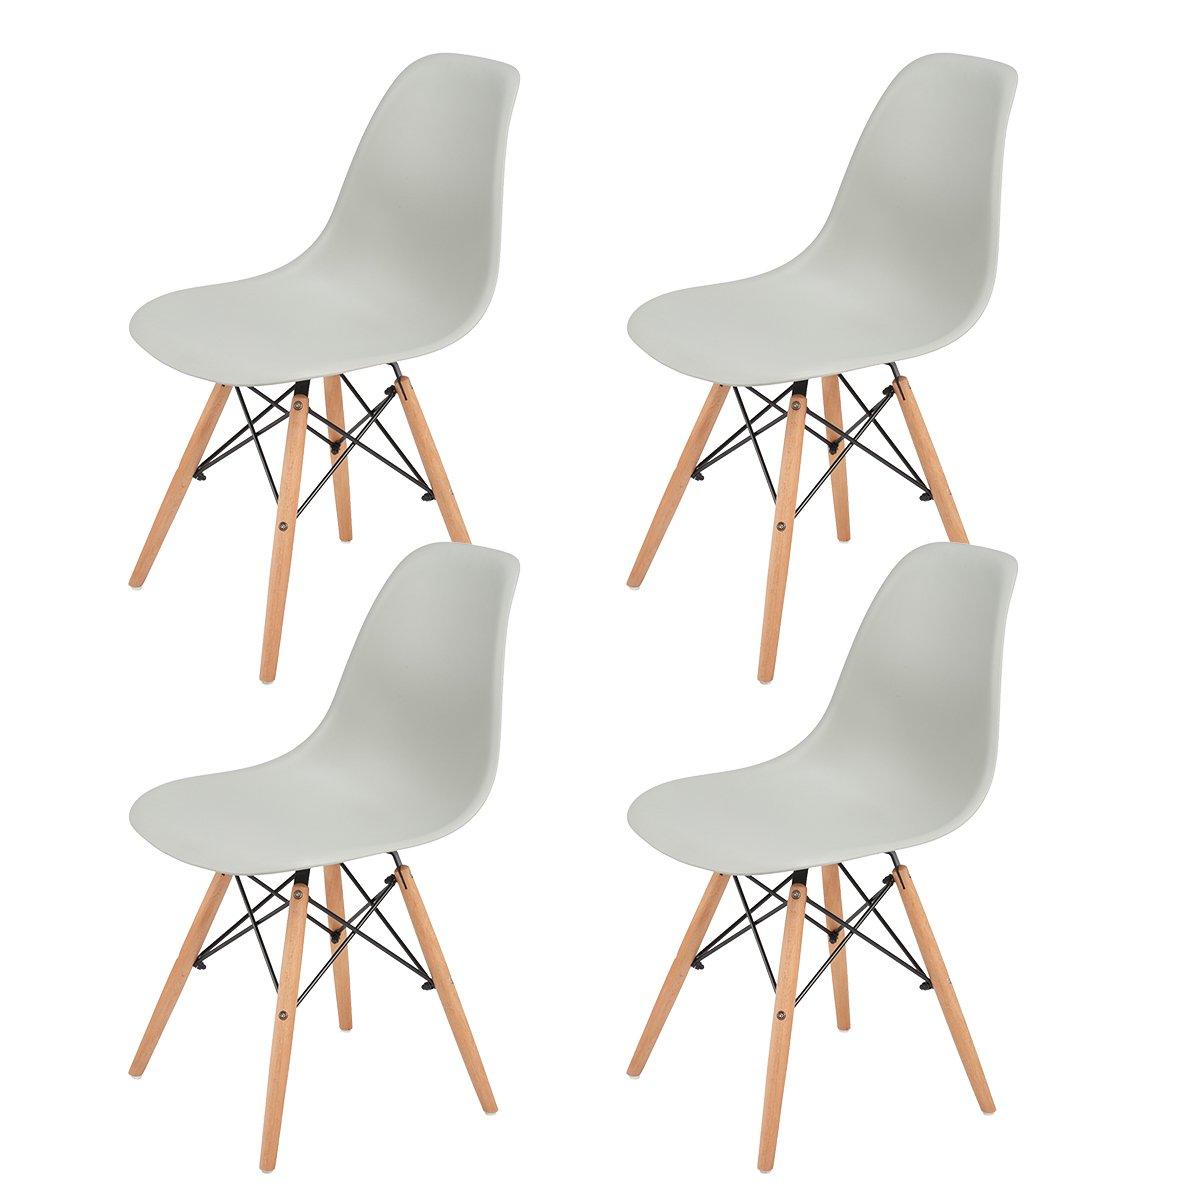 EGGREE Set di 4 sedie da pranzo Modello sedie con gambe in faggio massiccio, per sala da pranzo cucina,Bianco EGGREE-ES-01